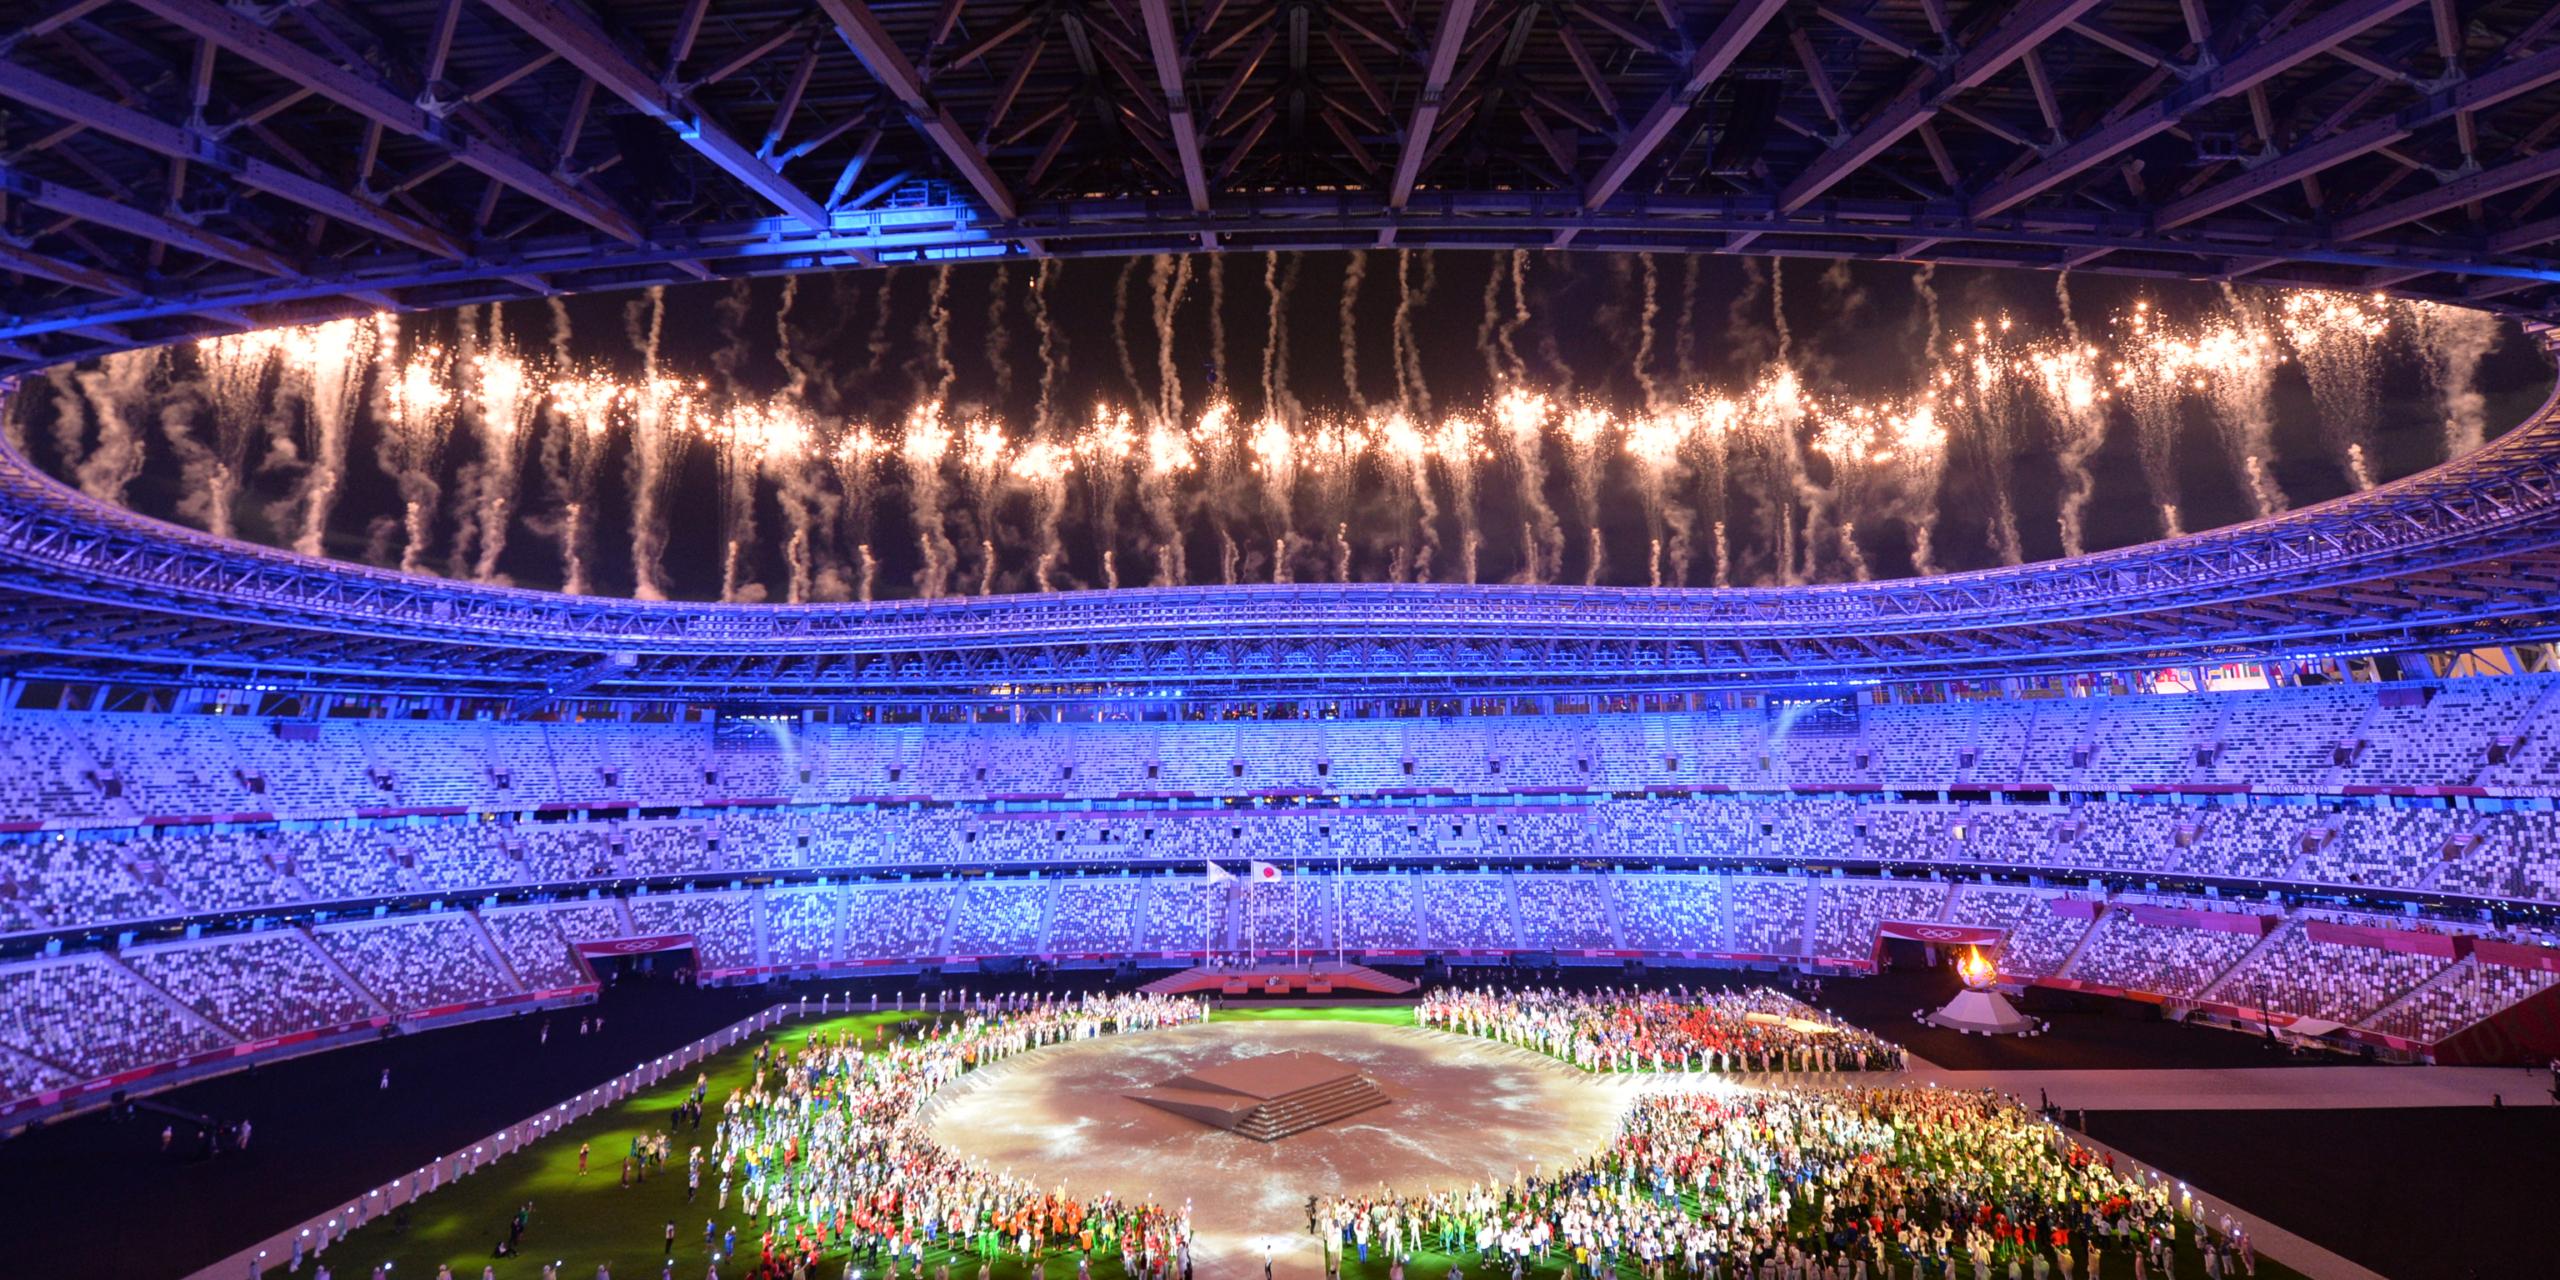 La pirotècnia acomiada els Jocs Olímpics de Tòquio 2020 | Europa Press